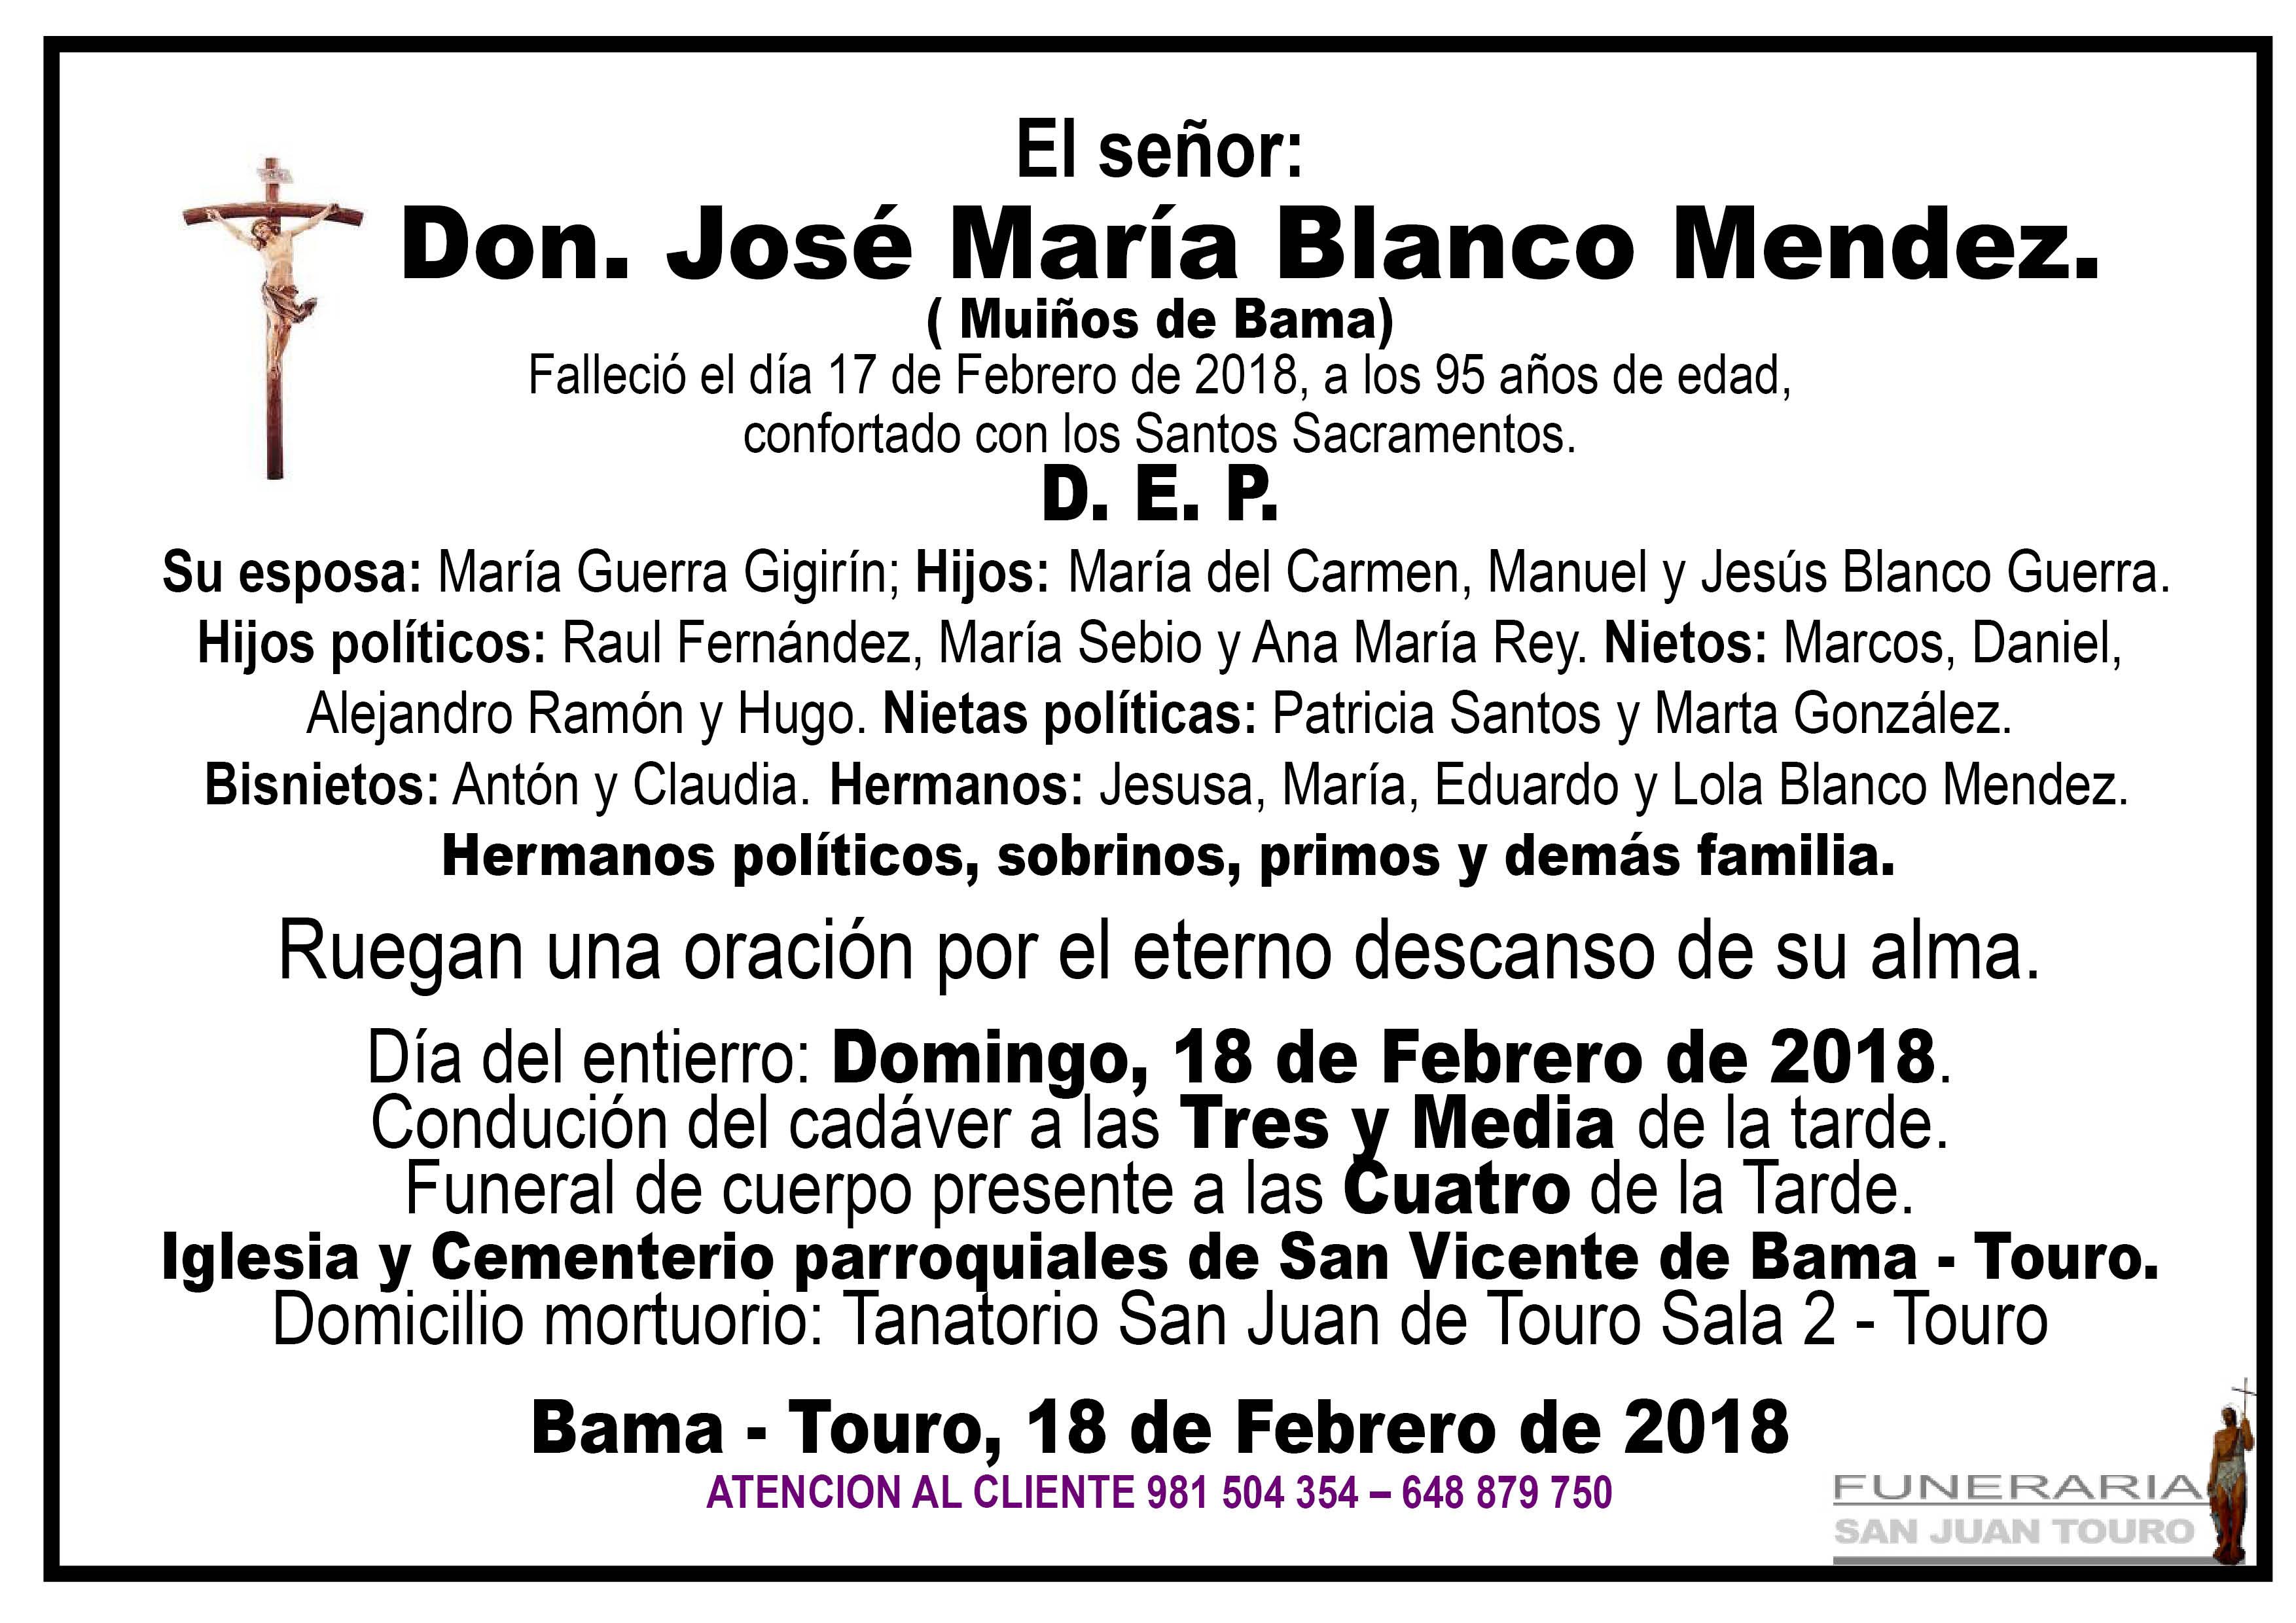 Esquela de SEPELIO DE DON JOSÉ MARÍA BLANCO MENDEZ